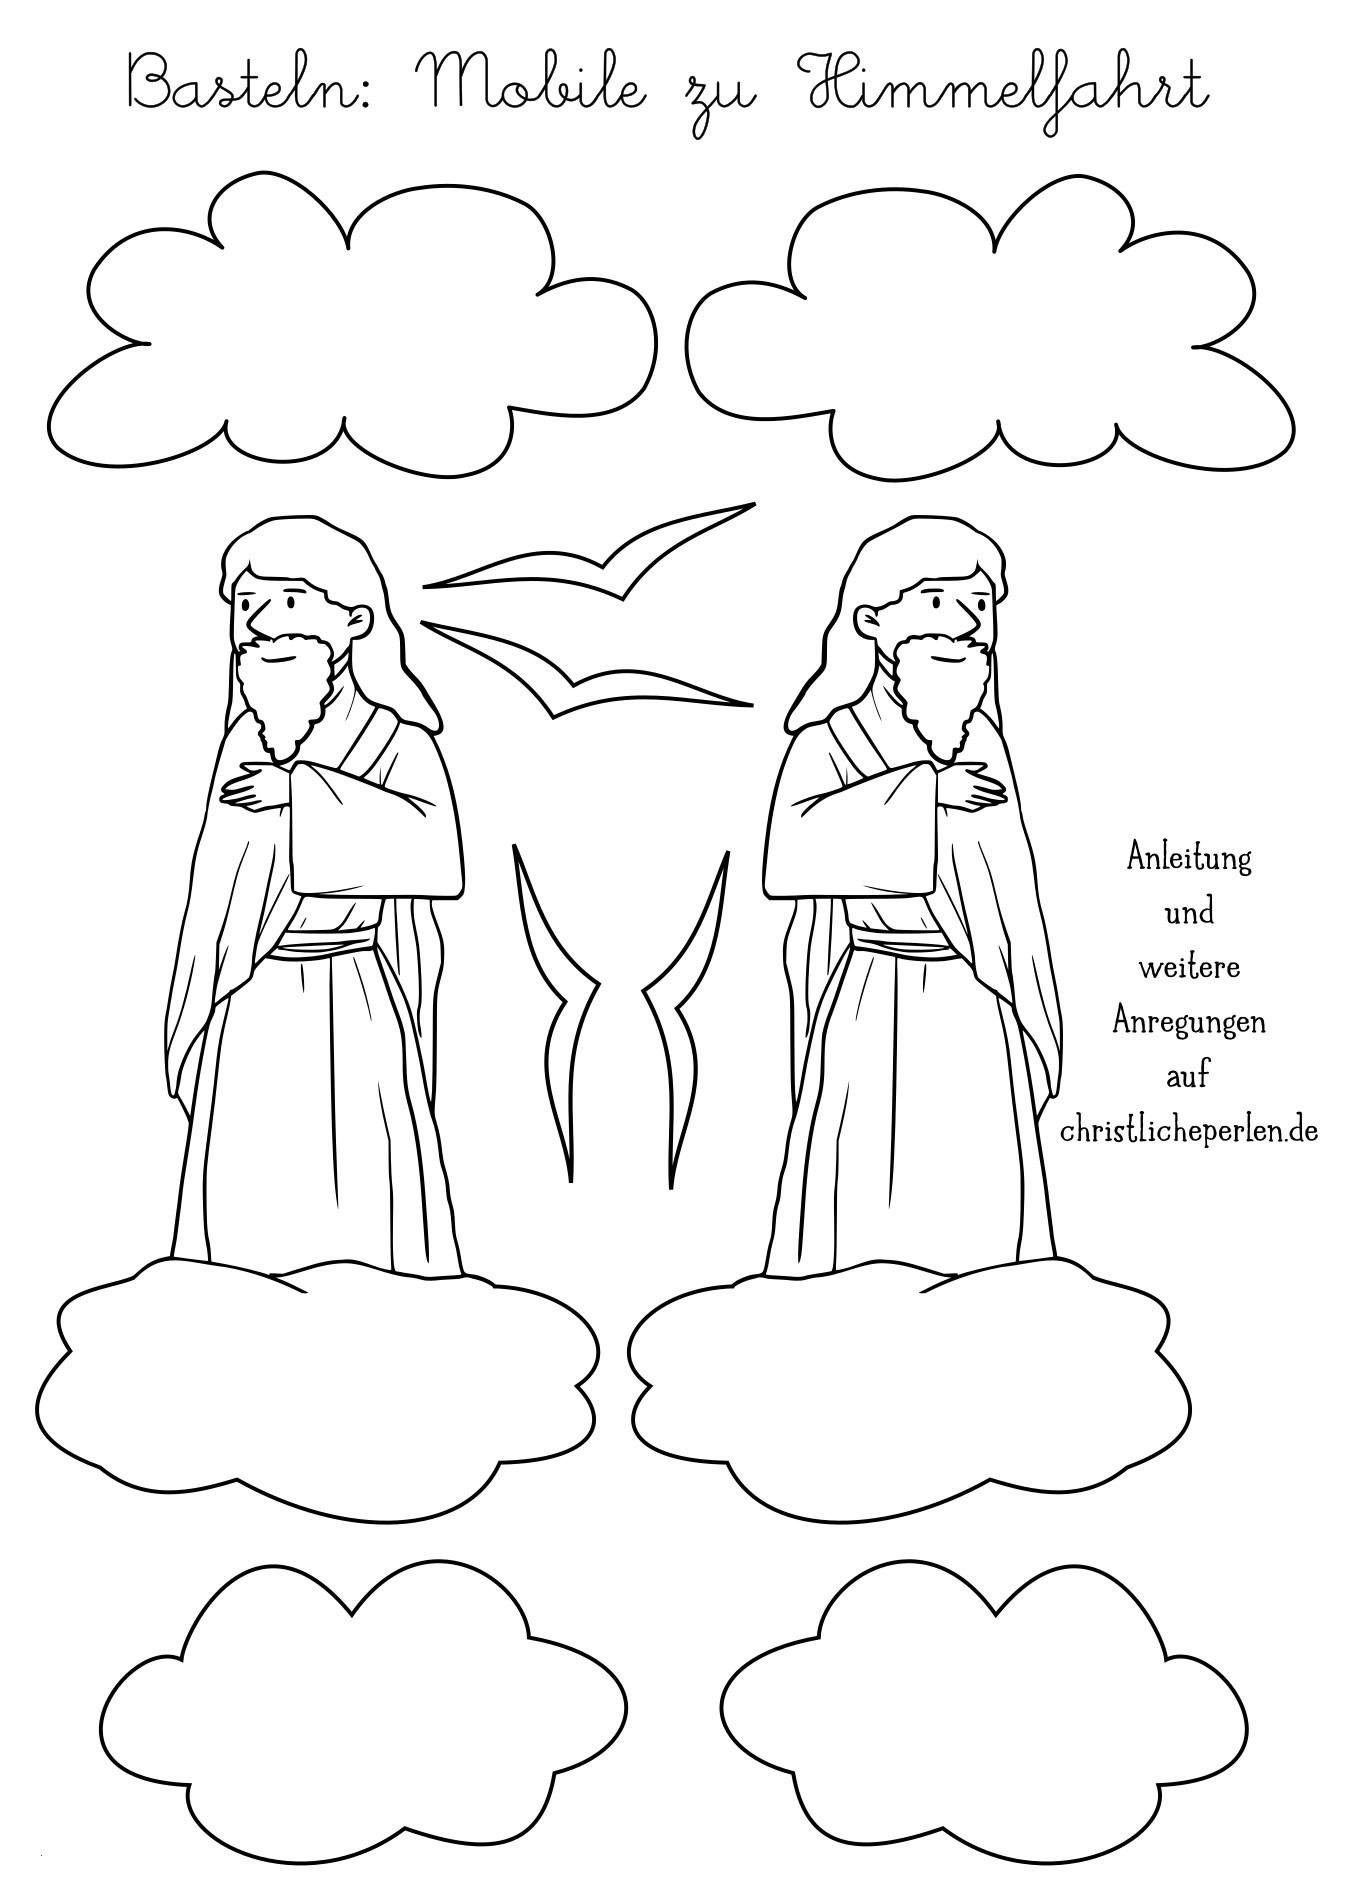 Jakob Und Esau Ausmalbilder Genial Ausmalbilder Zu Himmelfahrt Best Jakob Und Esau Ausmalbilder Neu Galerie